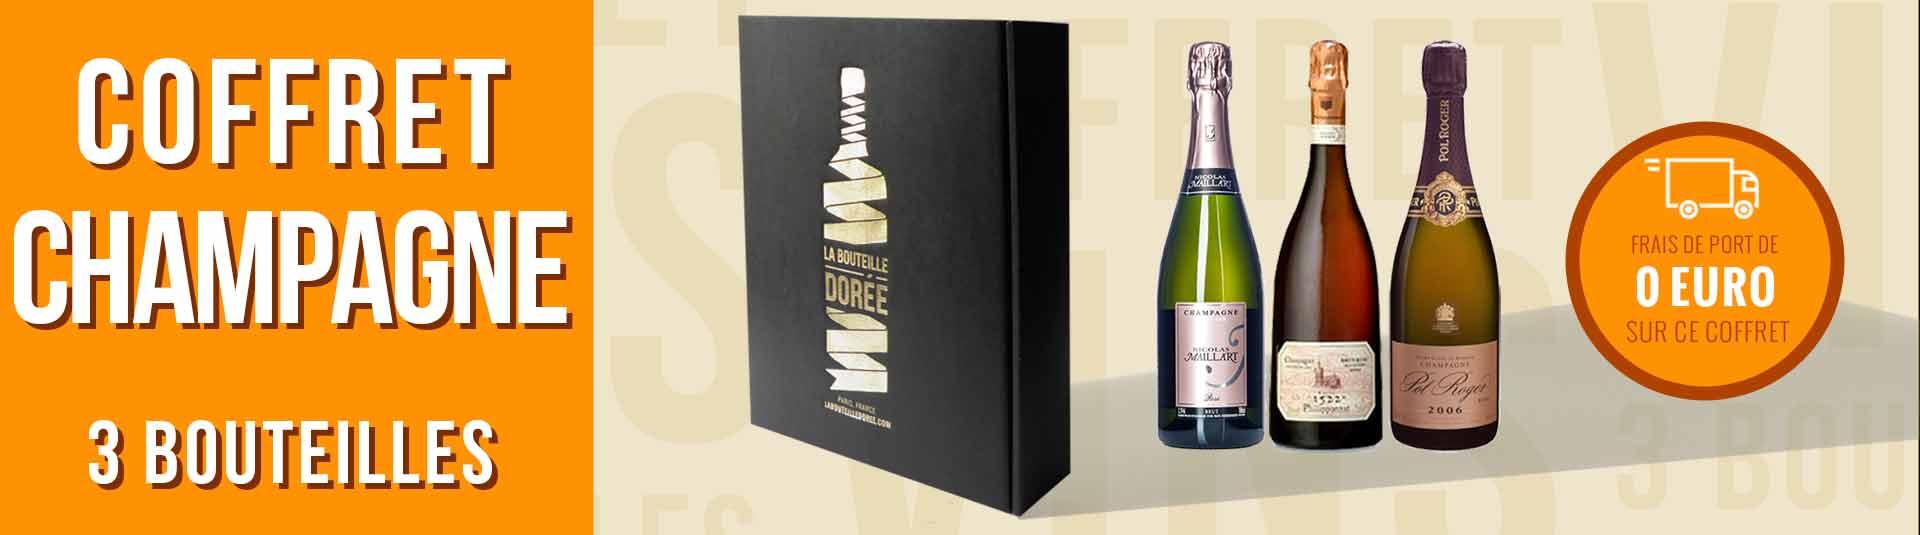 Coffret Champagne Rosé Prestige 3 bouteilles